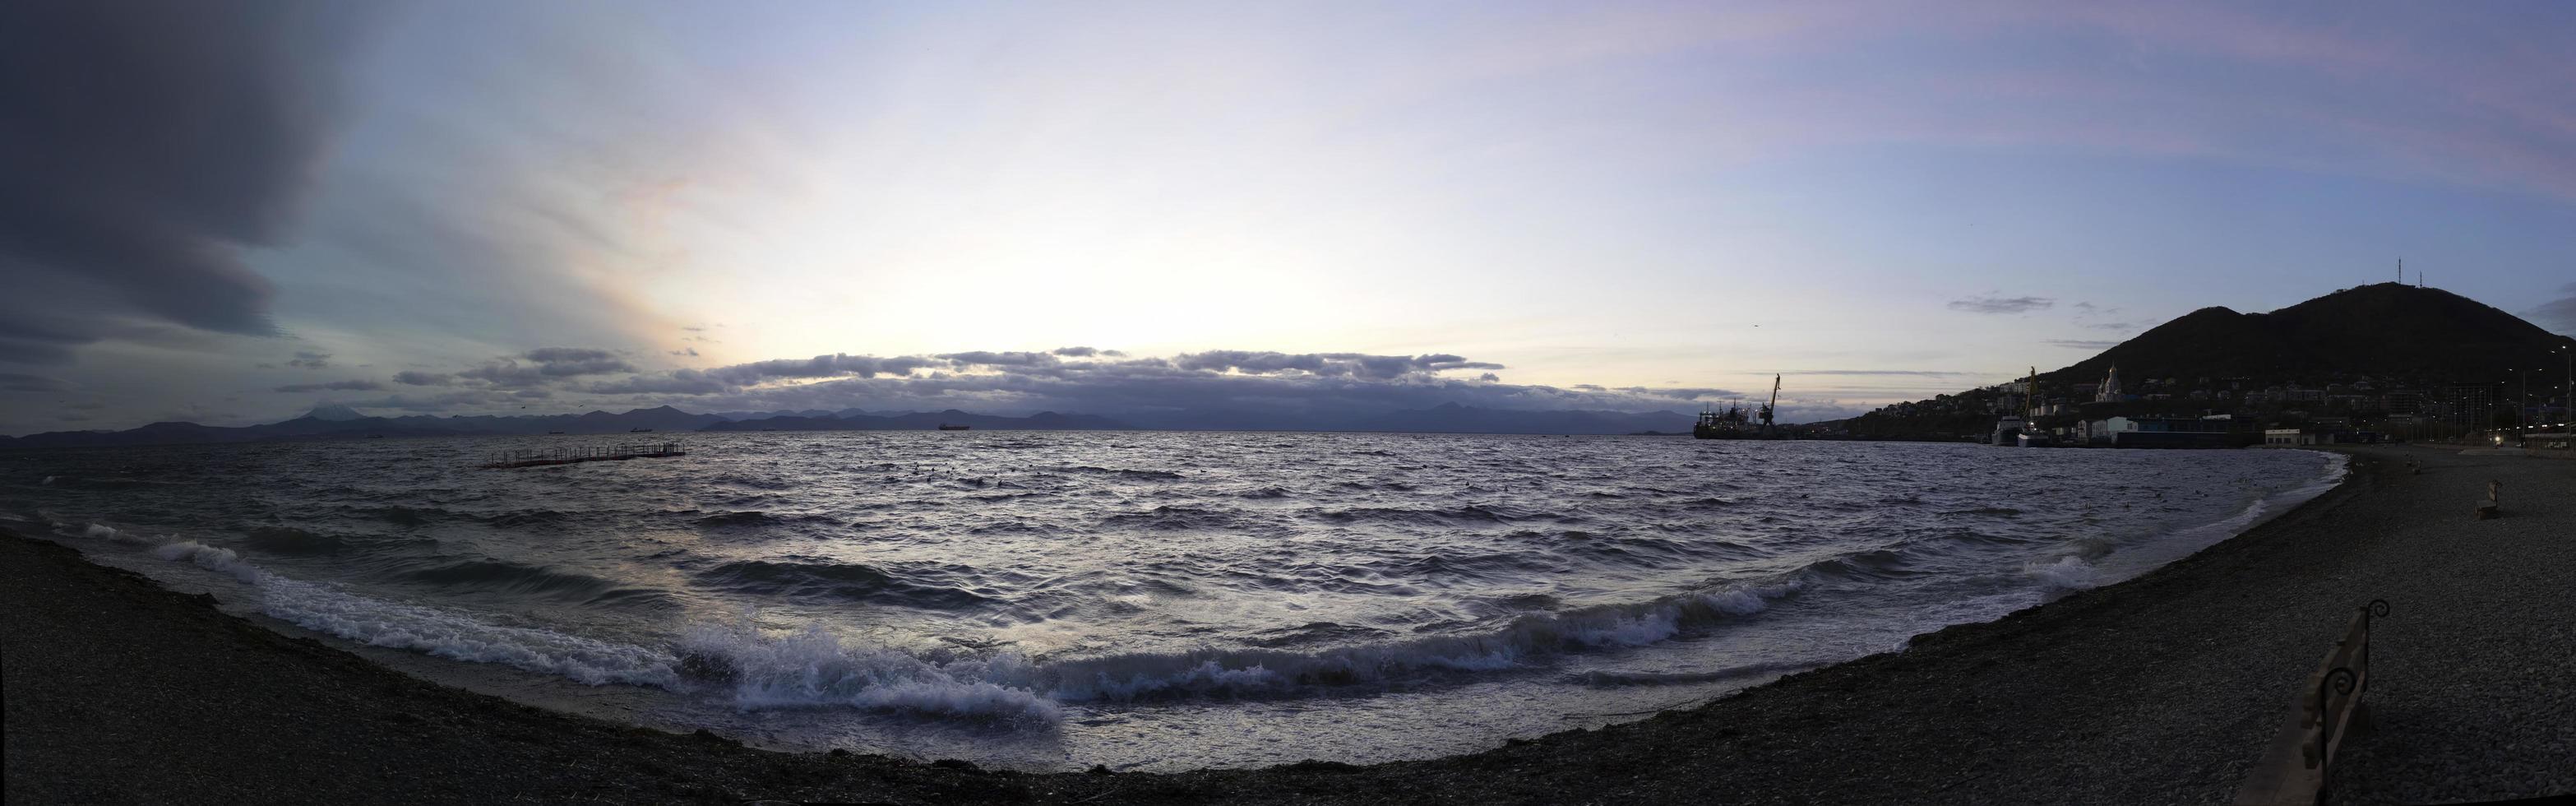 panorama du paysage de la mer le soir au bord de l'eau de la ville photo